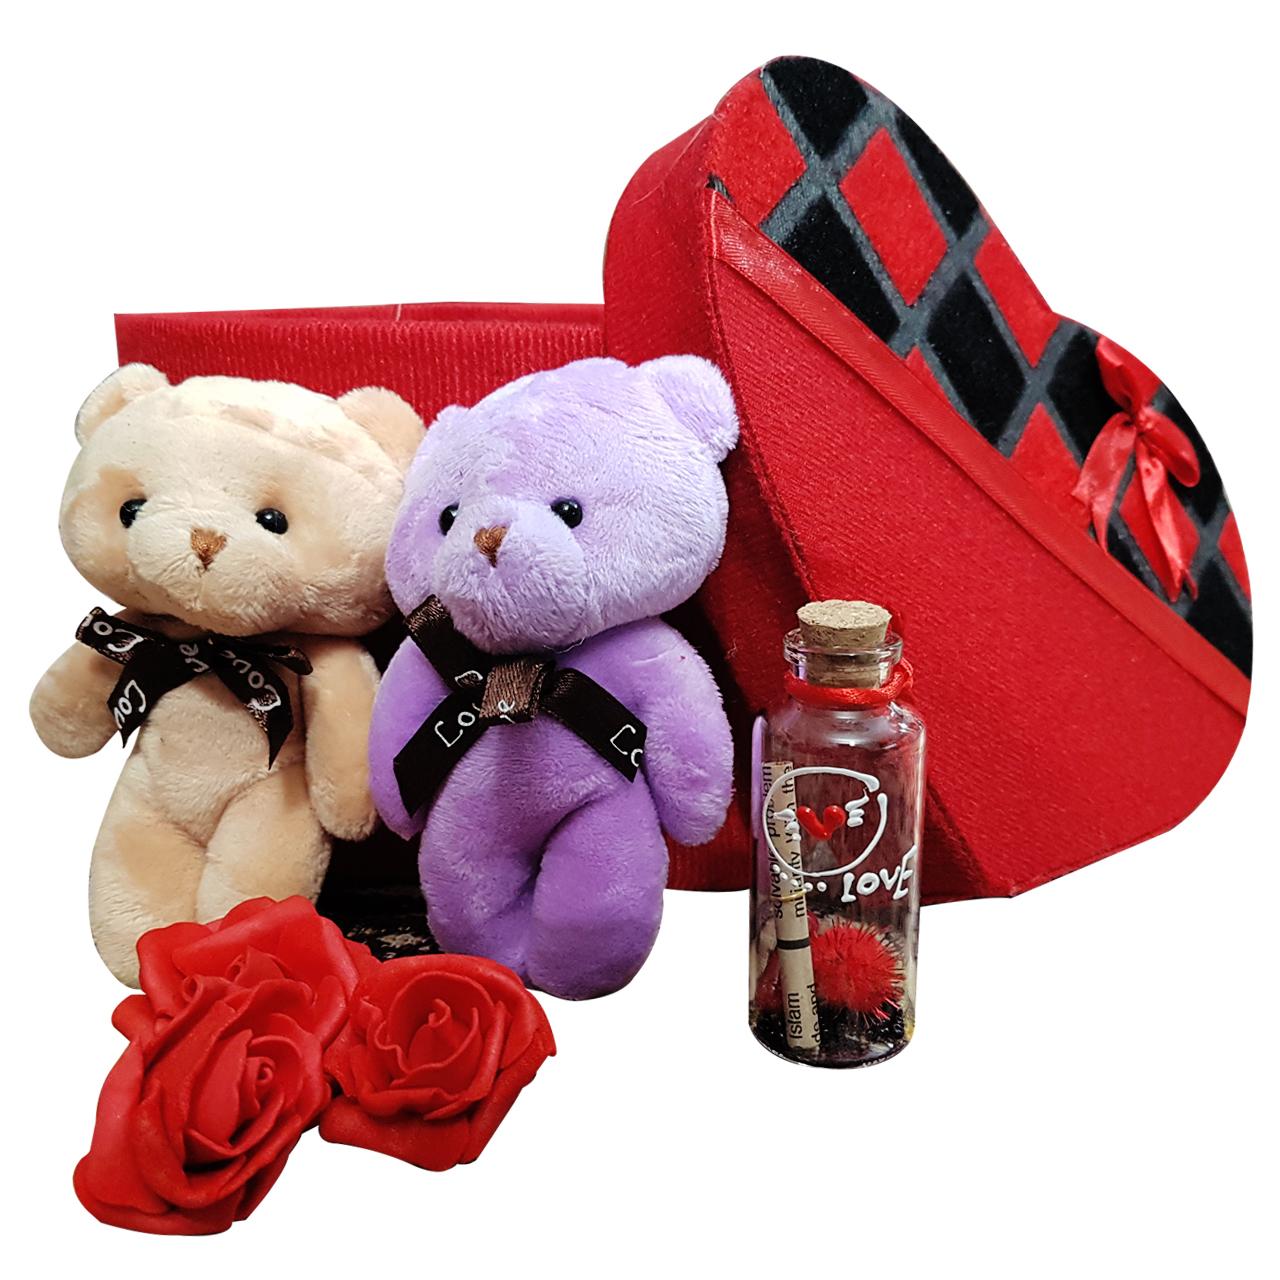 پك هديه و ست هدیه  عروسک خرس كله گنده مدل 12